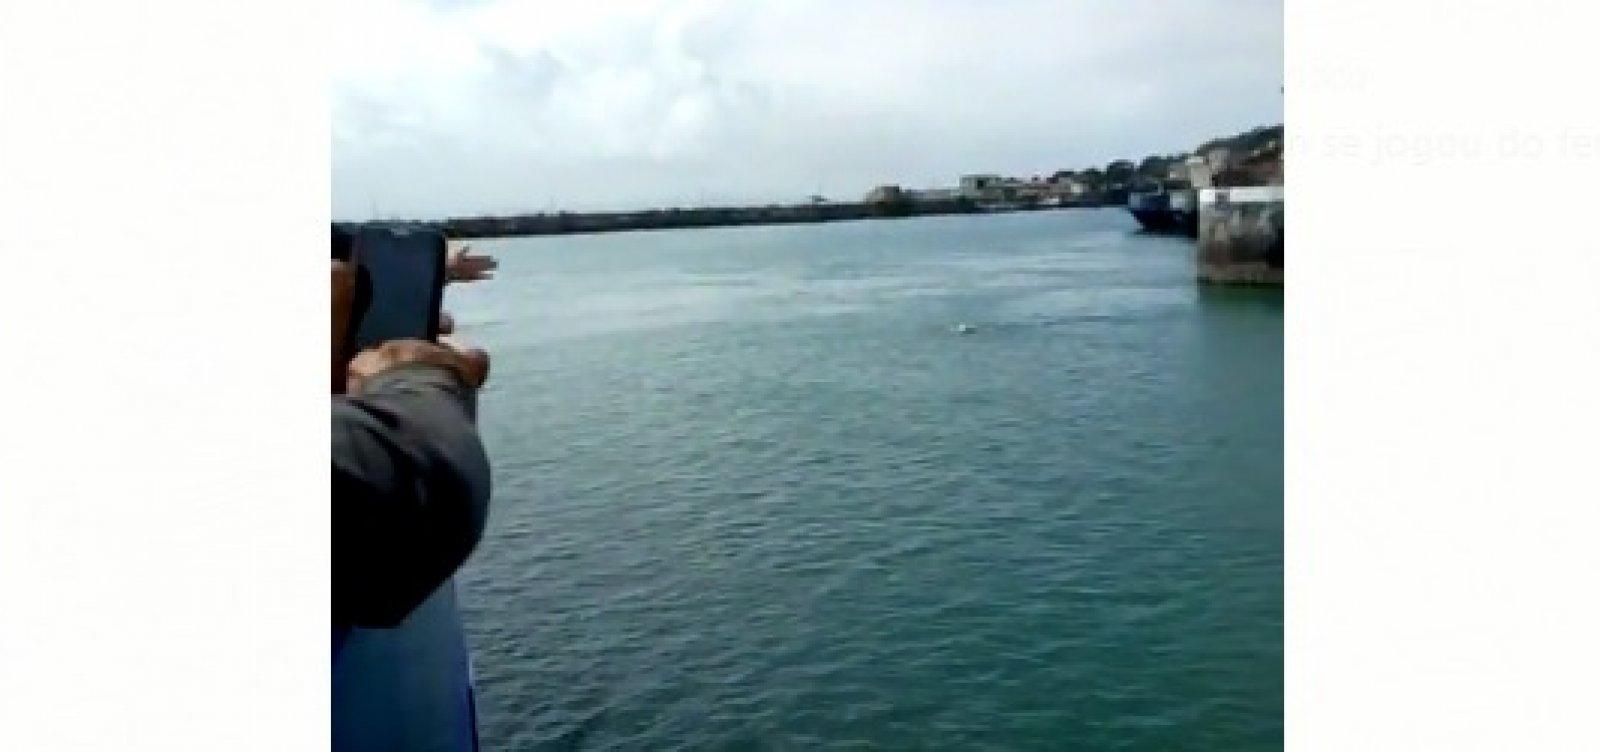 [Após não conseguir embarcar no ferry, homem tira roupa e nada em volta de terminal; veja vídeo]